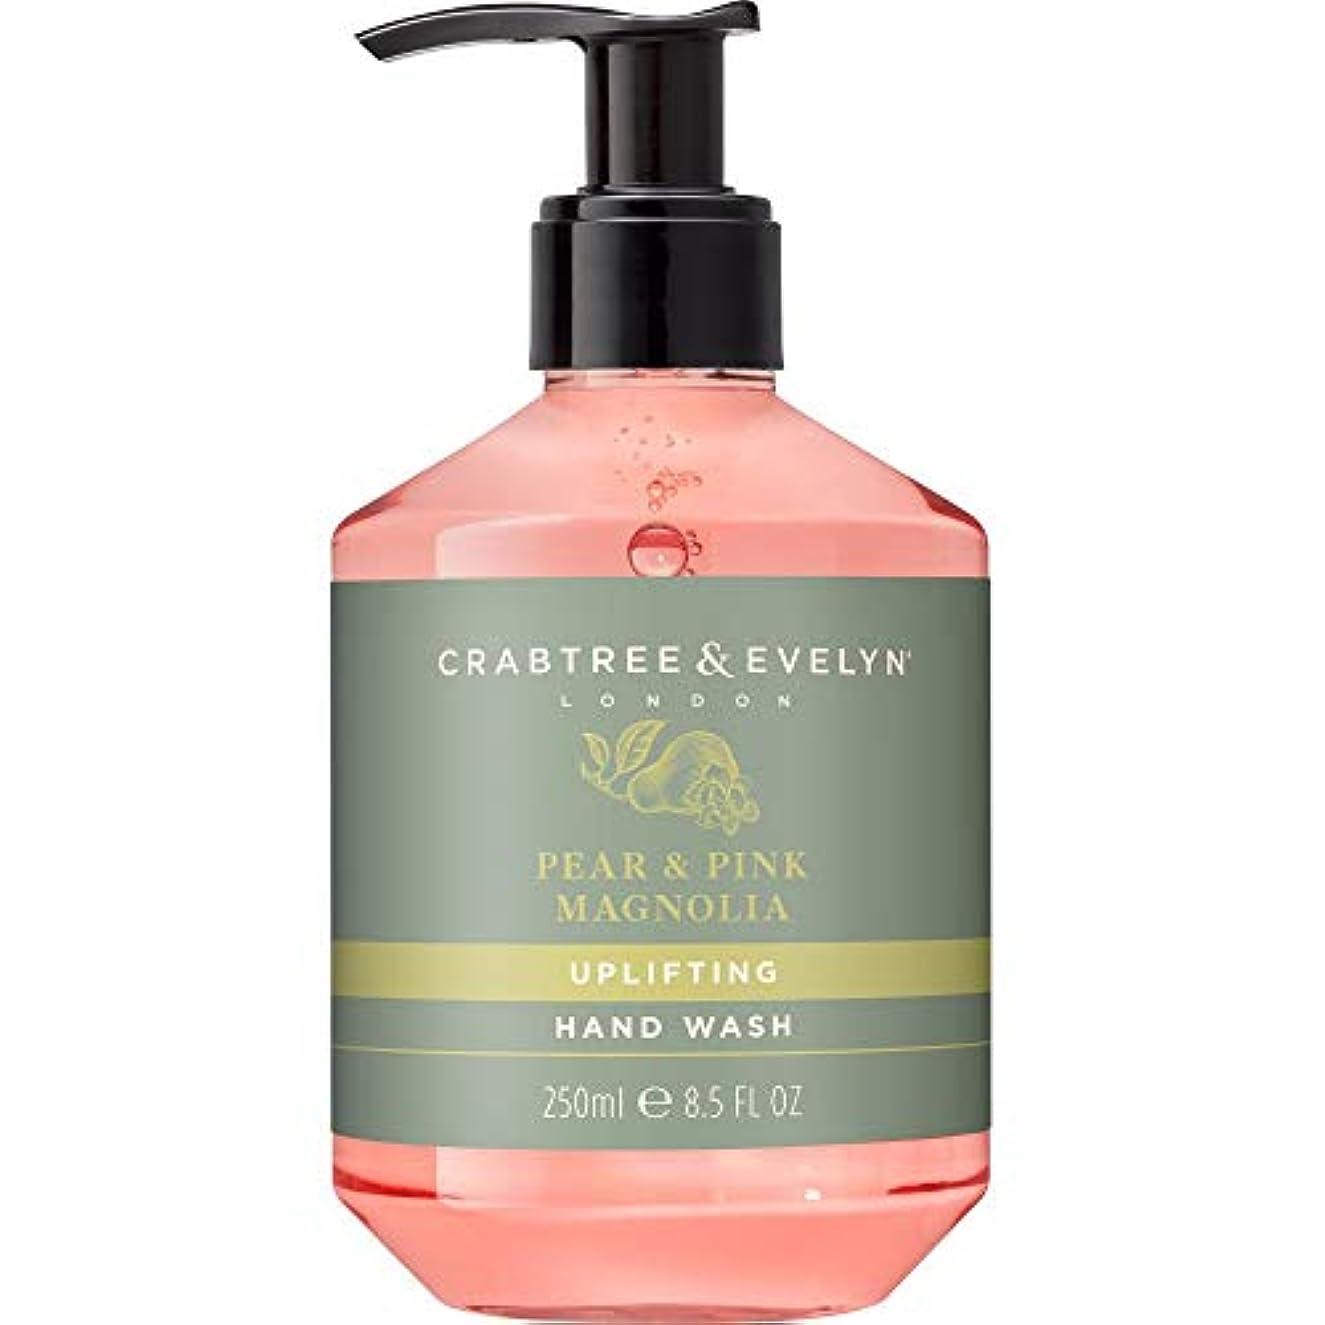 申請者知っているに立ち寄る爆弾[Crabtree & Evelyn] クラブツリー&イヴリン梨&ピンクのモクレンのハンドウォッシュ250ミリリットル - Crabtree & Evelyn Pear & Pink Magnolia Hand Wash...